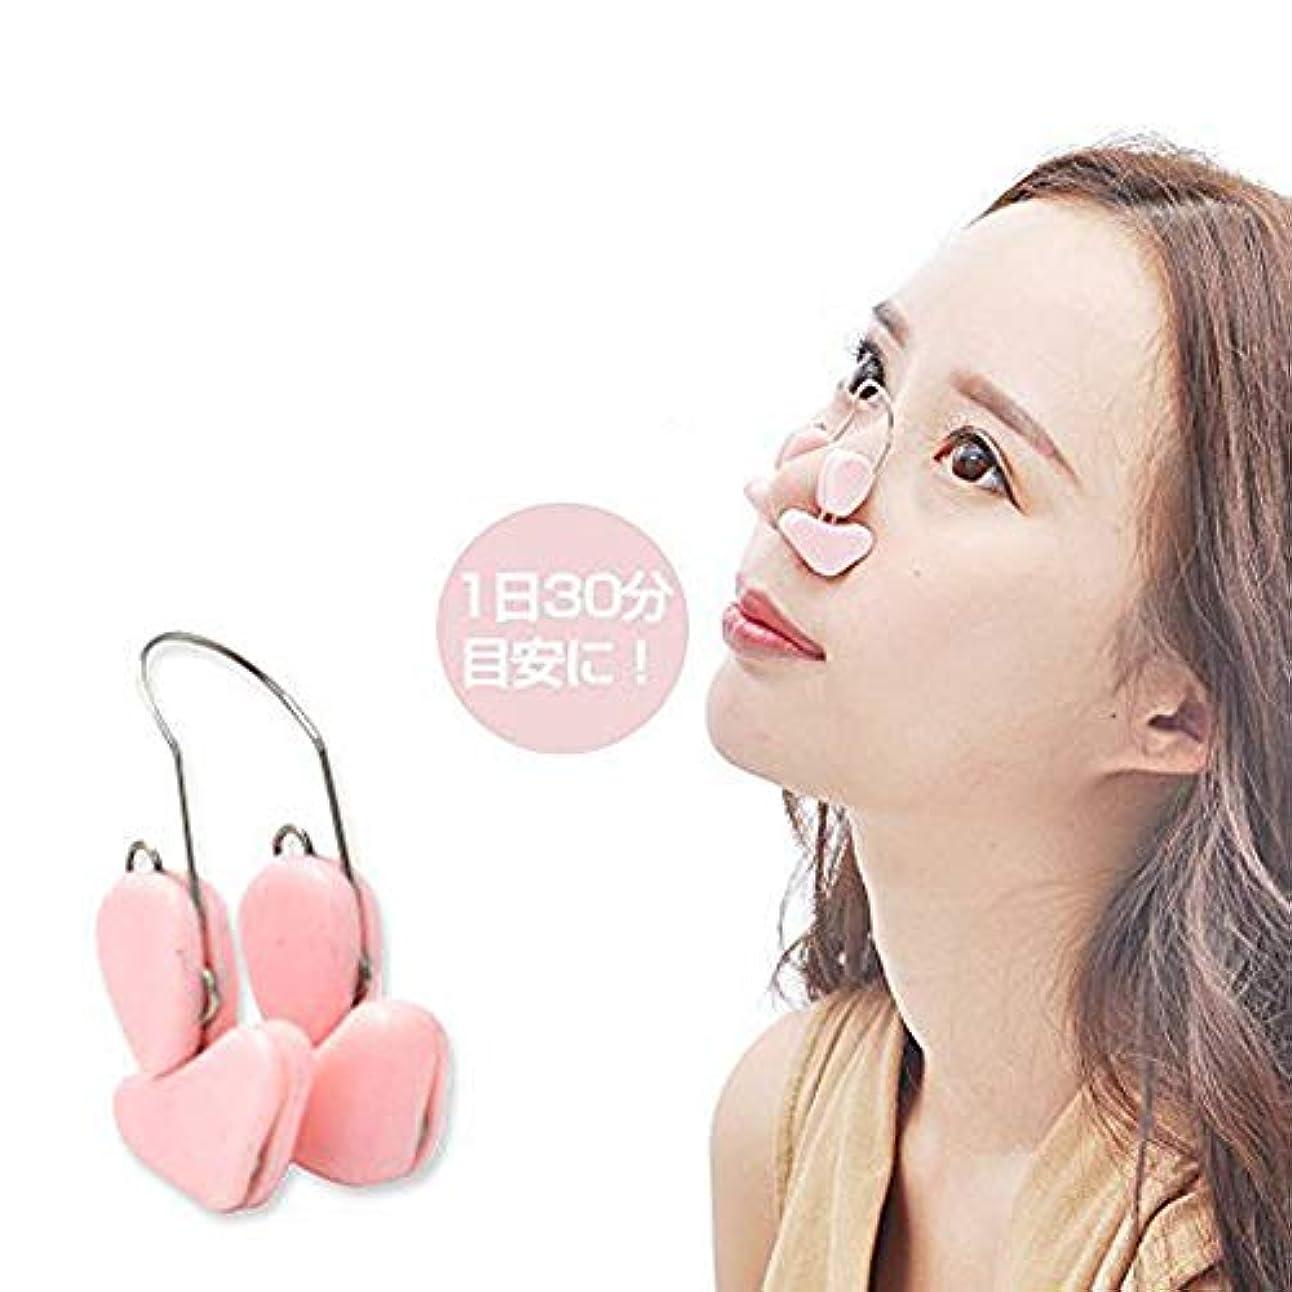 棚促す増強ノーズクリップ 鼻 高く 鼻矯正 鼻プチ ノーズピン 矯正 鼻を高くする 鼻筋セレブ ノーズパッド シンクロ だんご鼻